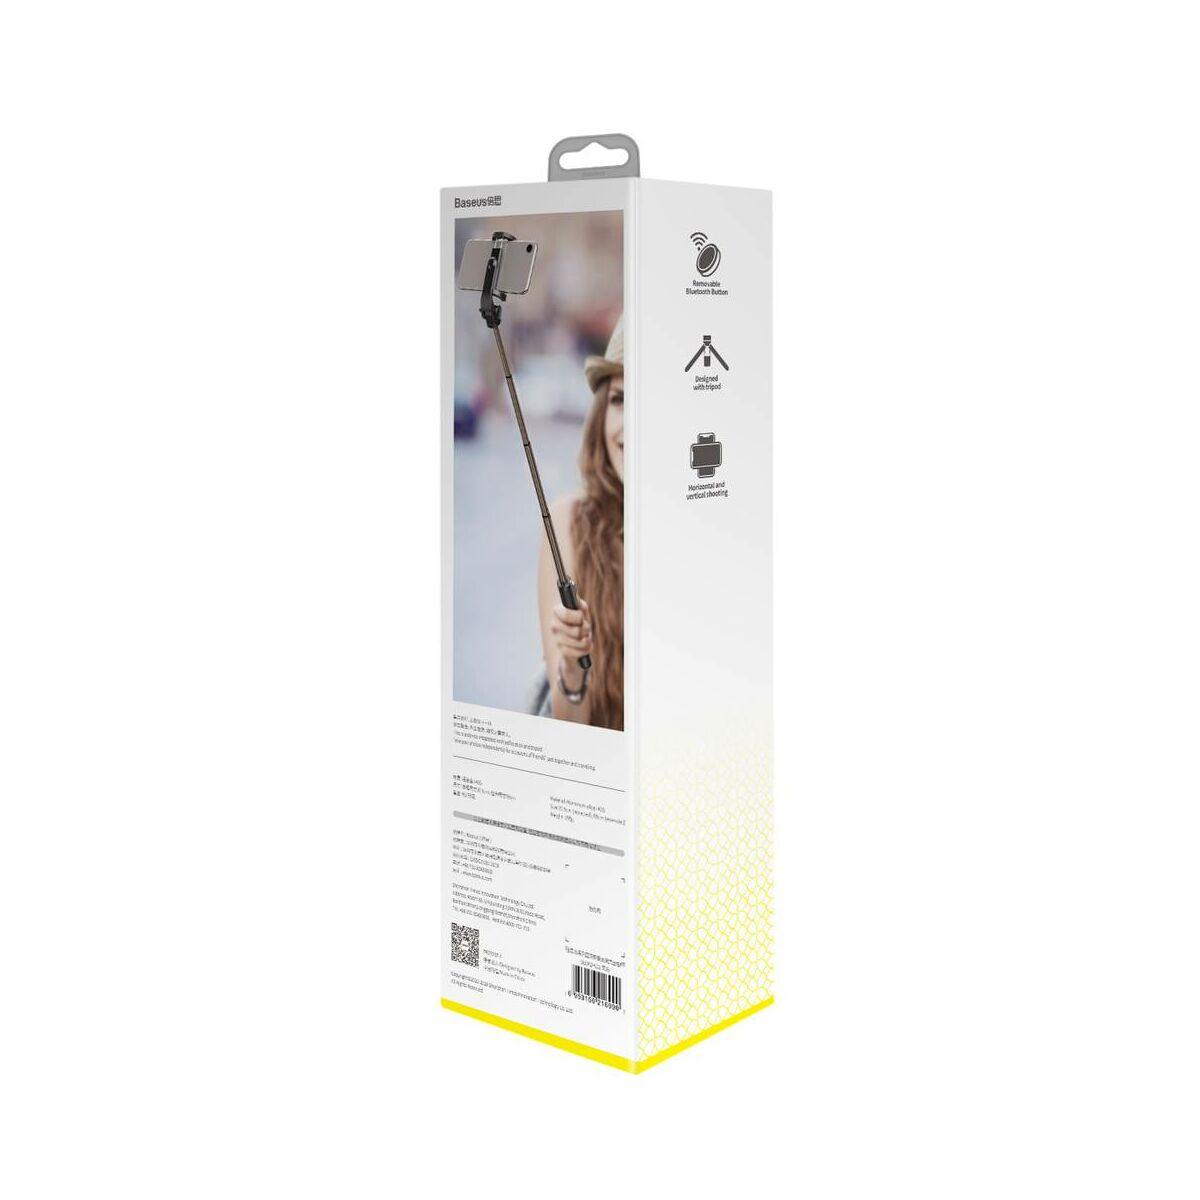 Baseus Video kiegészítő, Lovely markolatról vezérelhető Bluetooth Selfie bot, fekete (SUDYZP-E01)